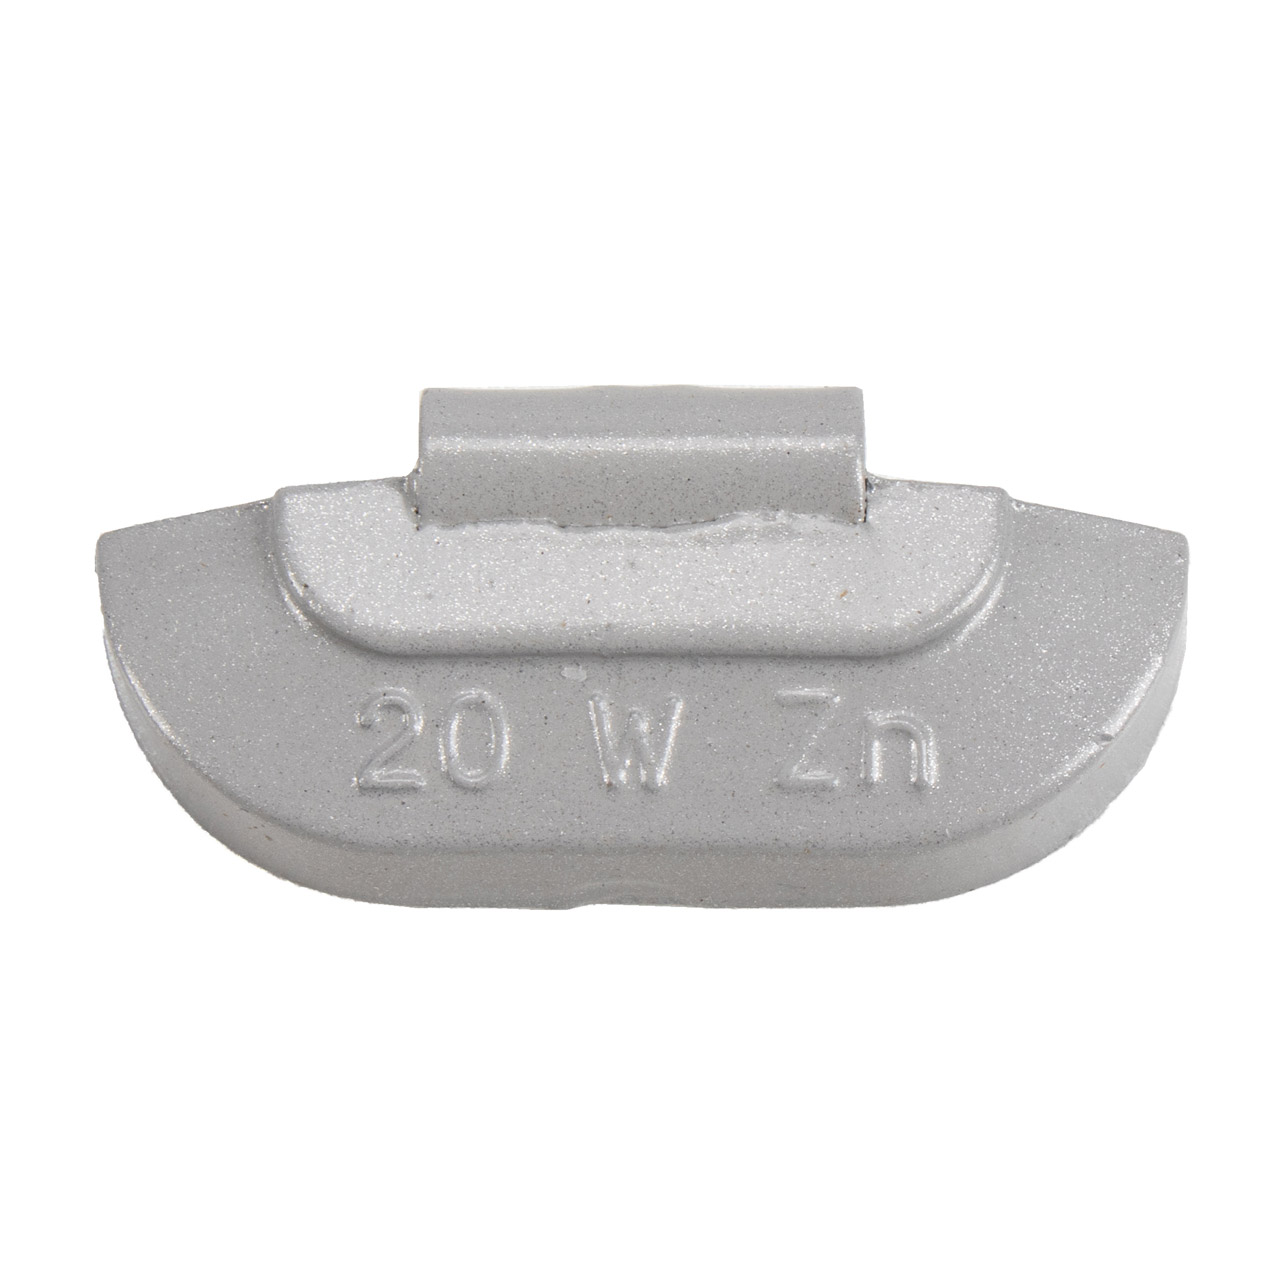 GEMATIC Auswuchtgewicht Schlaggewicht für Stahlfelge GRAU-ZINK 100 Stück x 20g